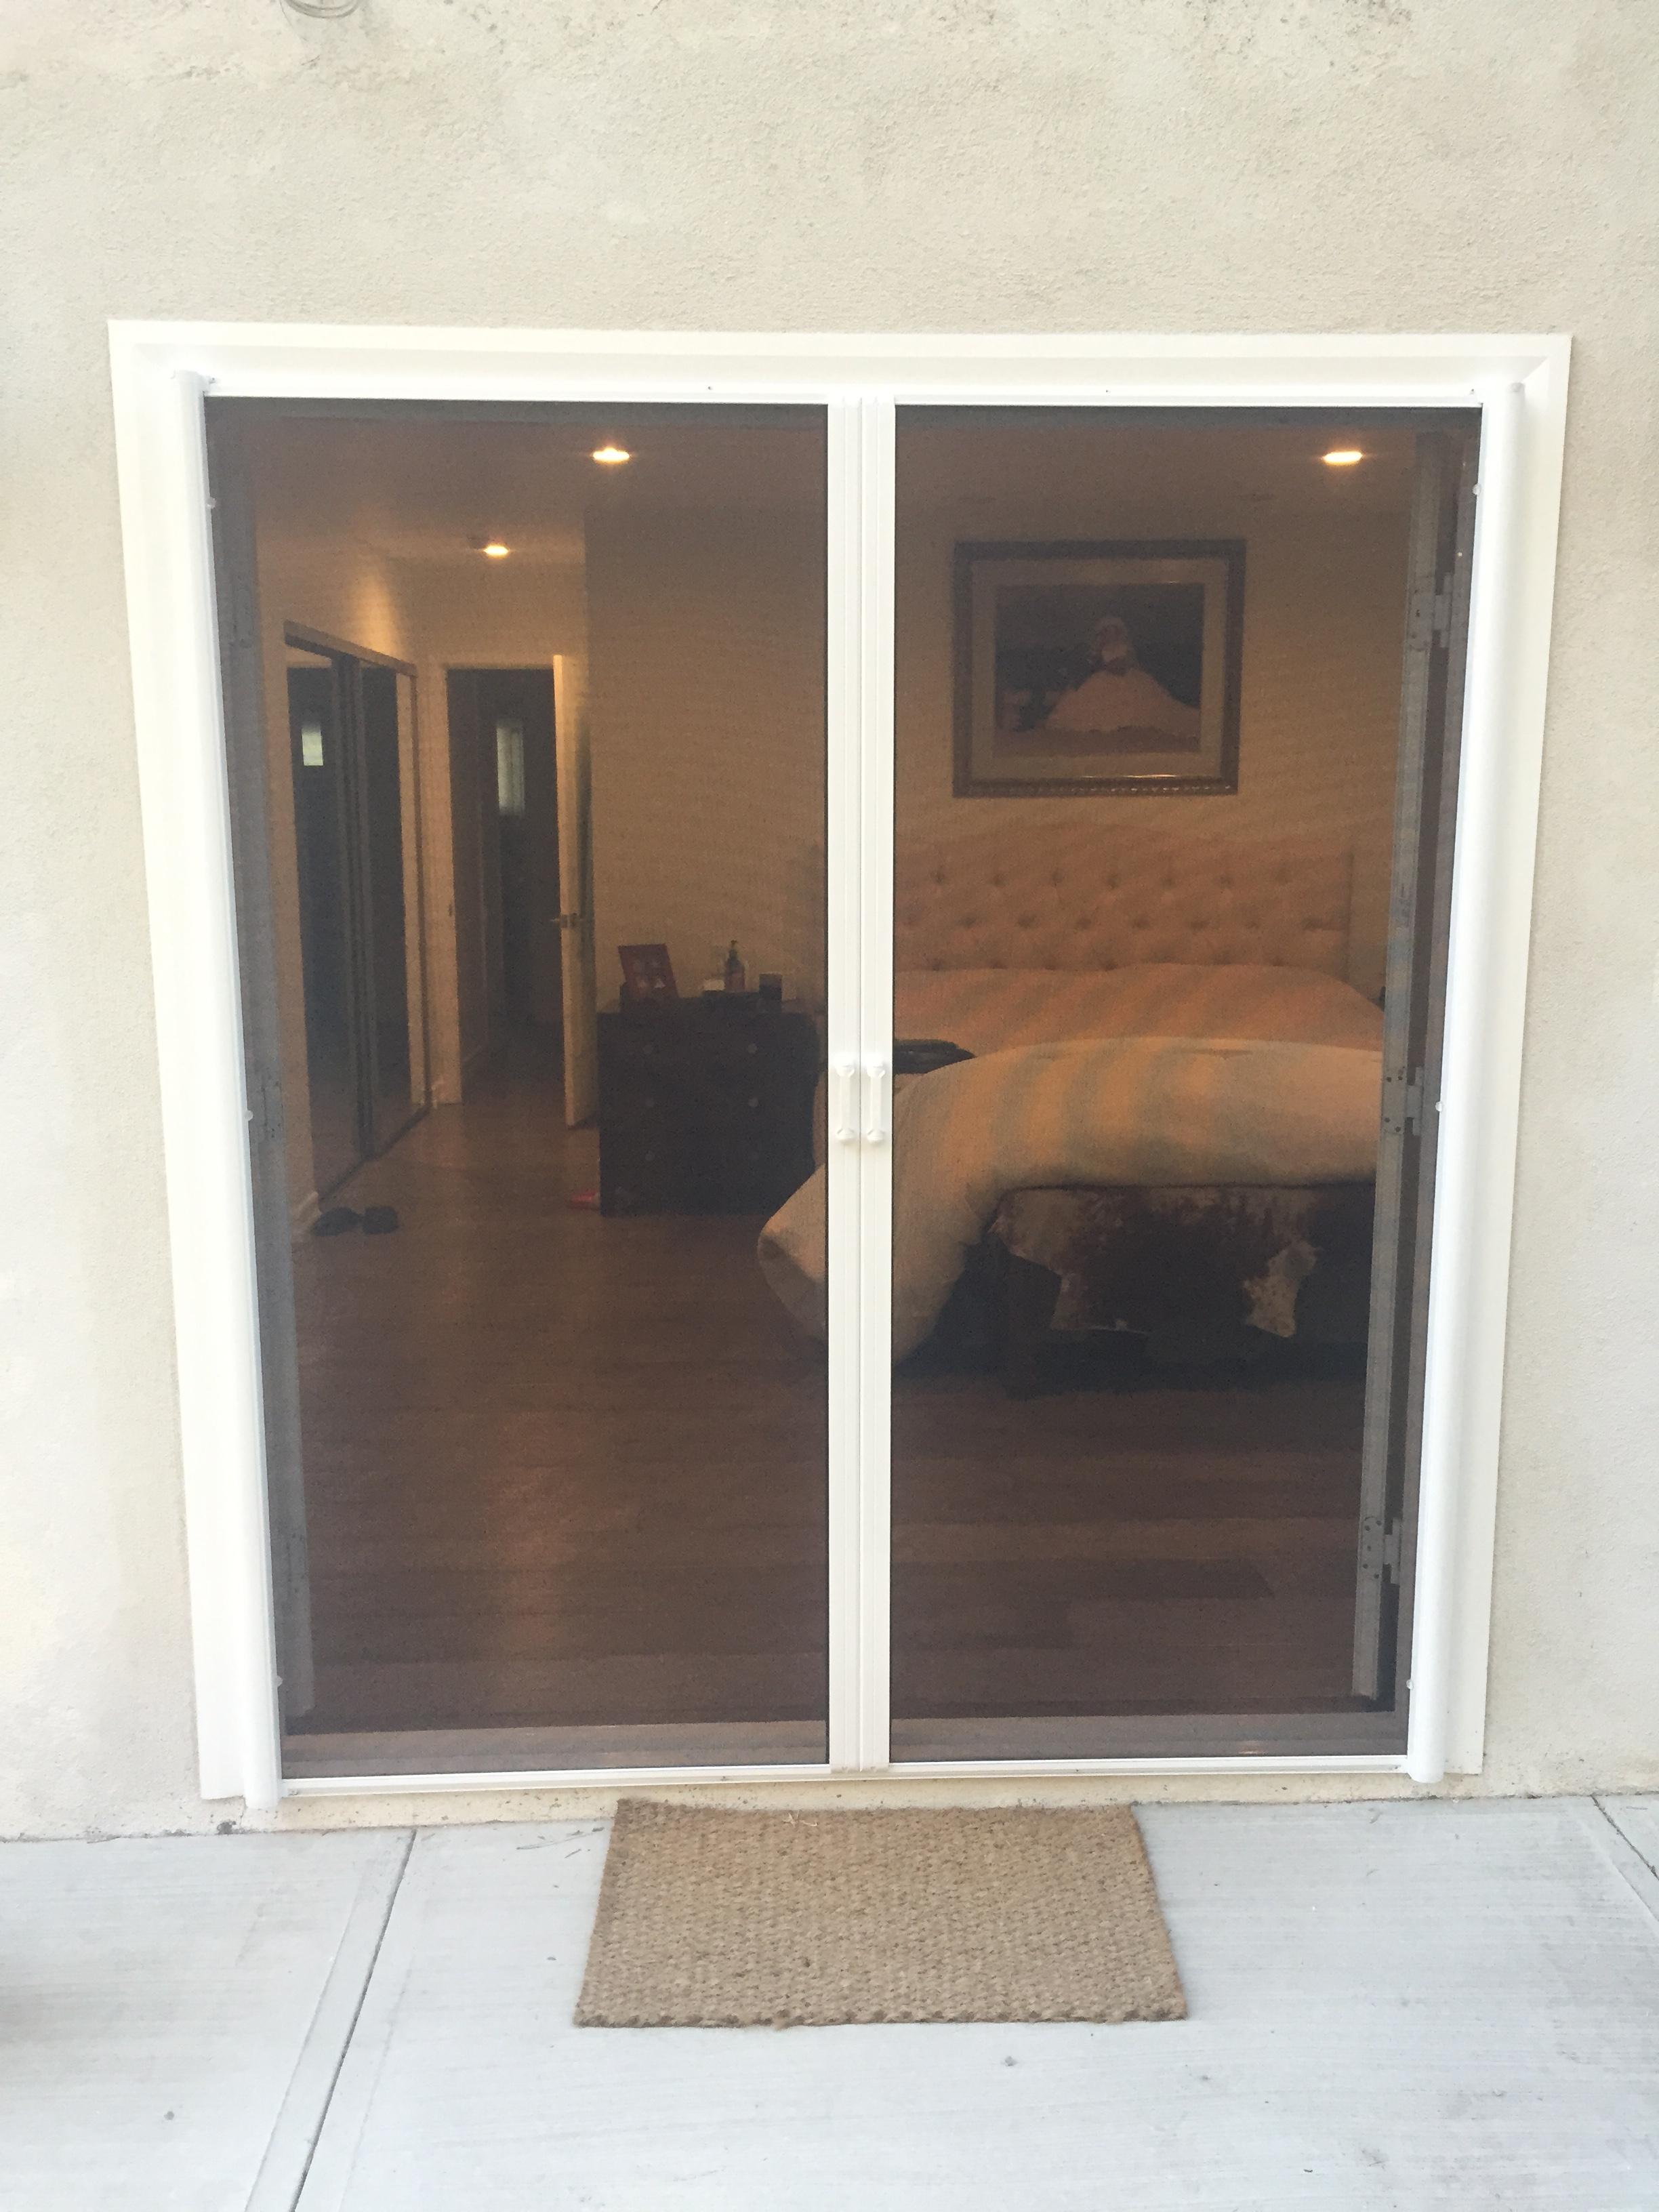 Retractable Screen Doors Lake Encino Drive, Encino